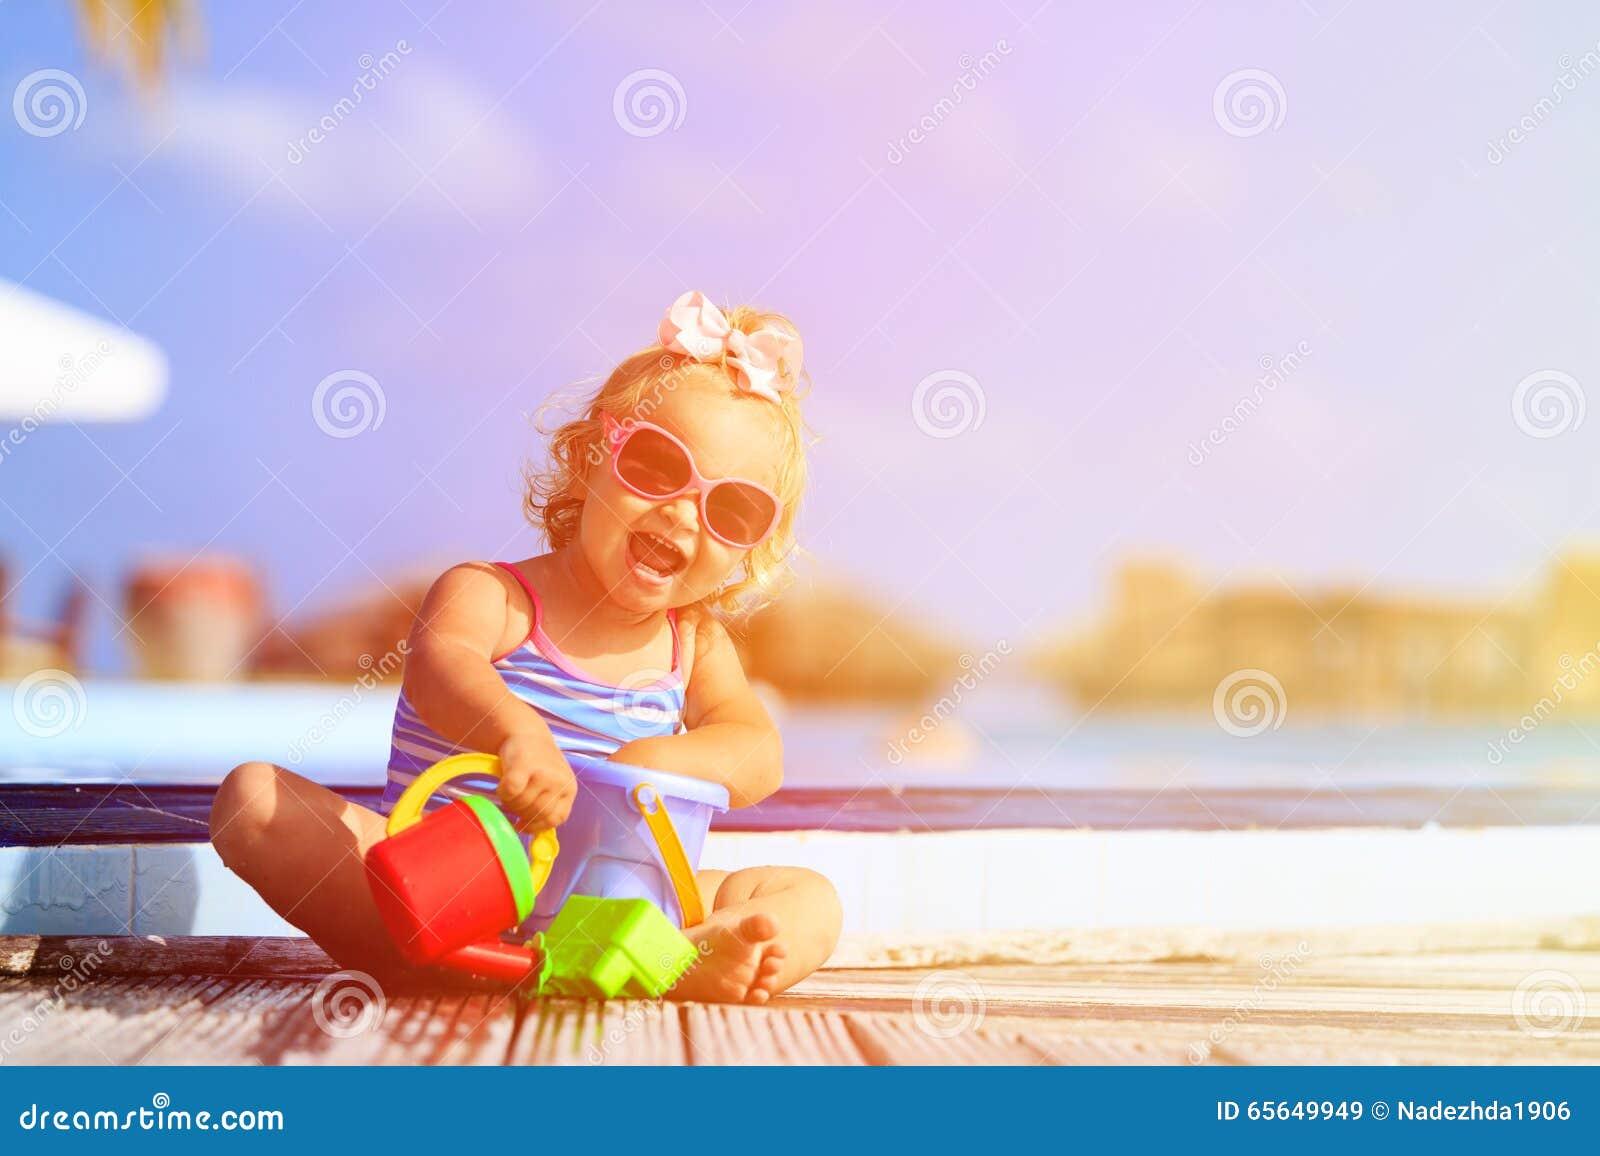 Petite fille mignonne jouant dans la piscine à la plage